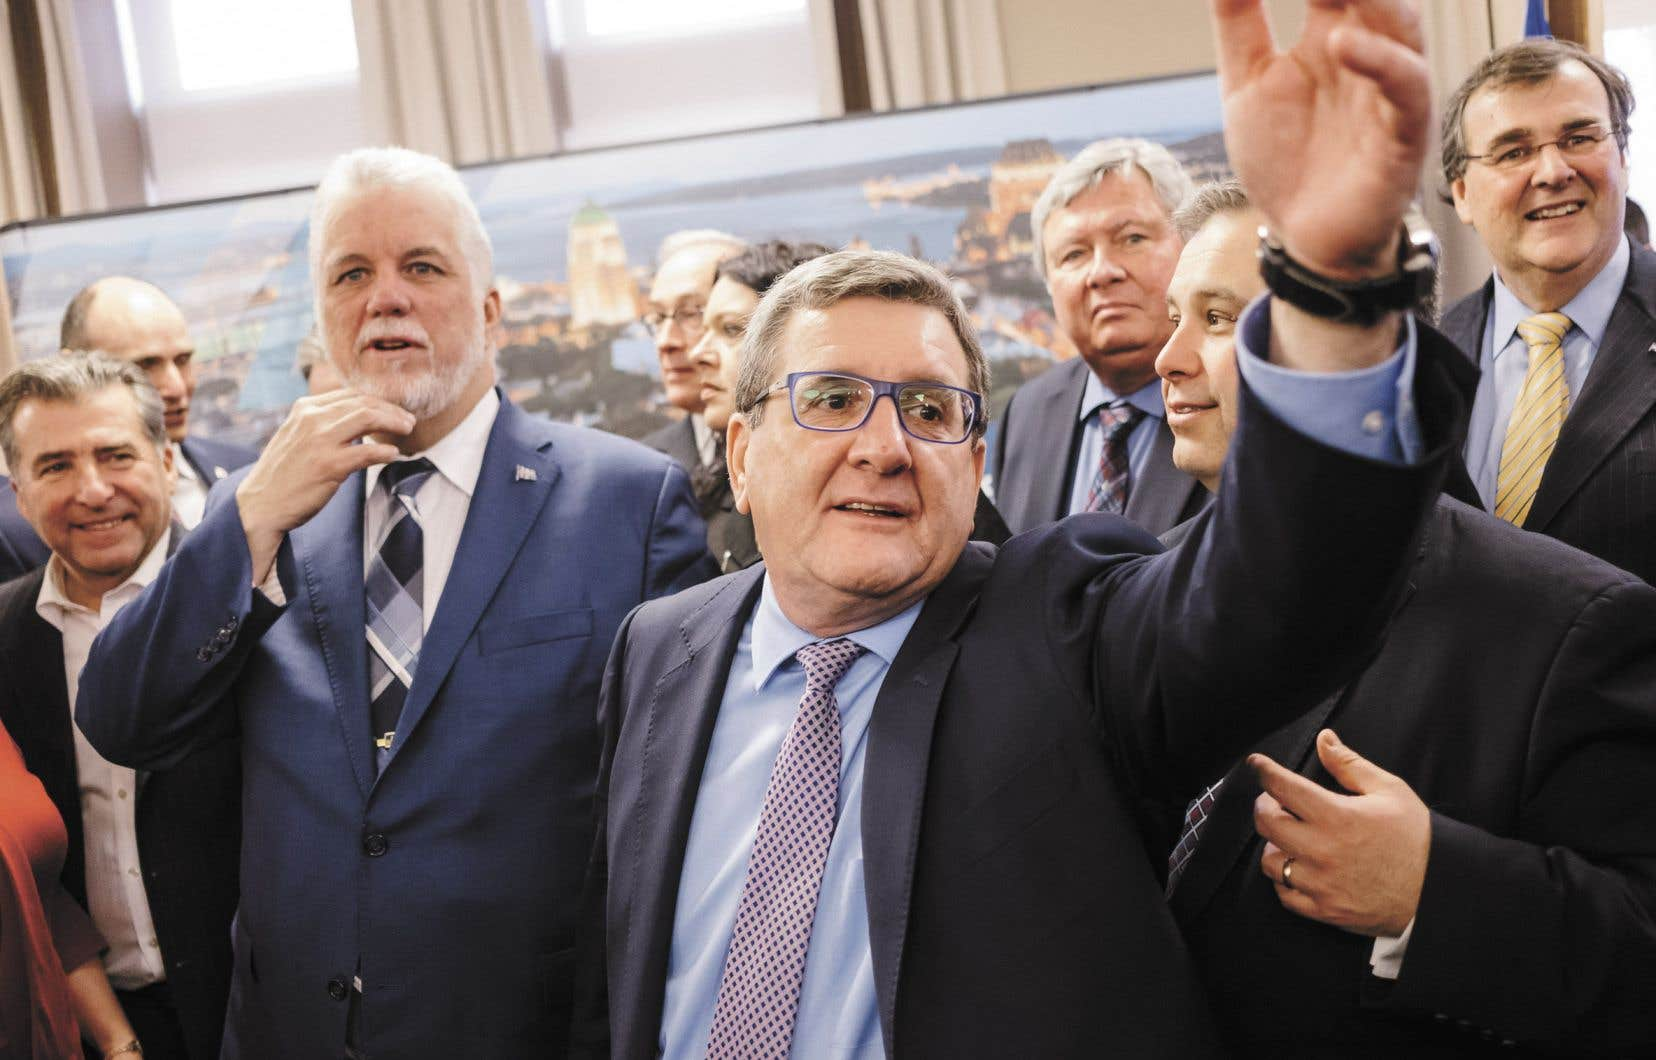 Le maire de Québec, Régis Labeaume, était accompagné du premier ministre du Québec, Philippe Couillard, pour dévoiler son ambitieux projet.